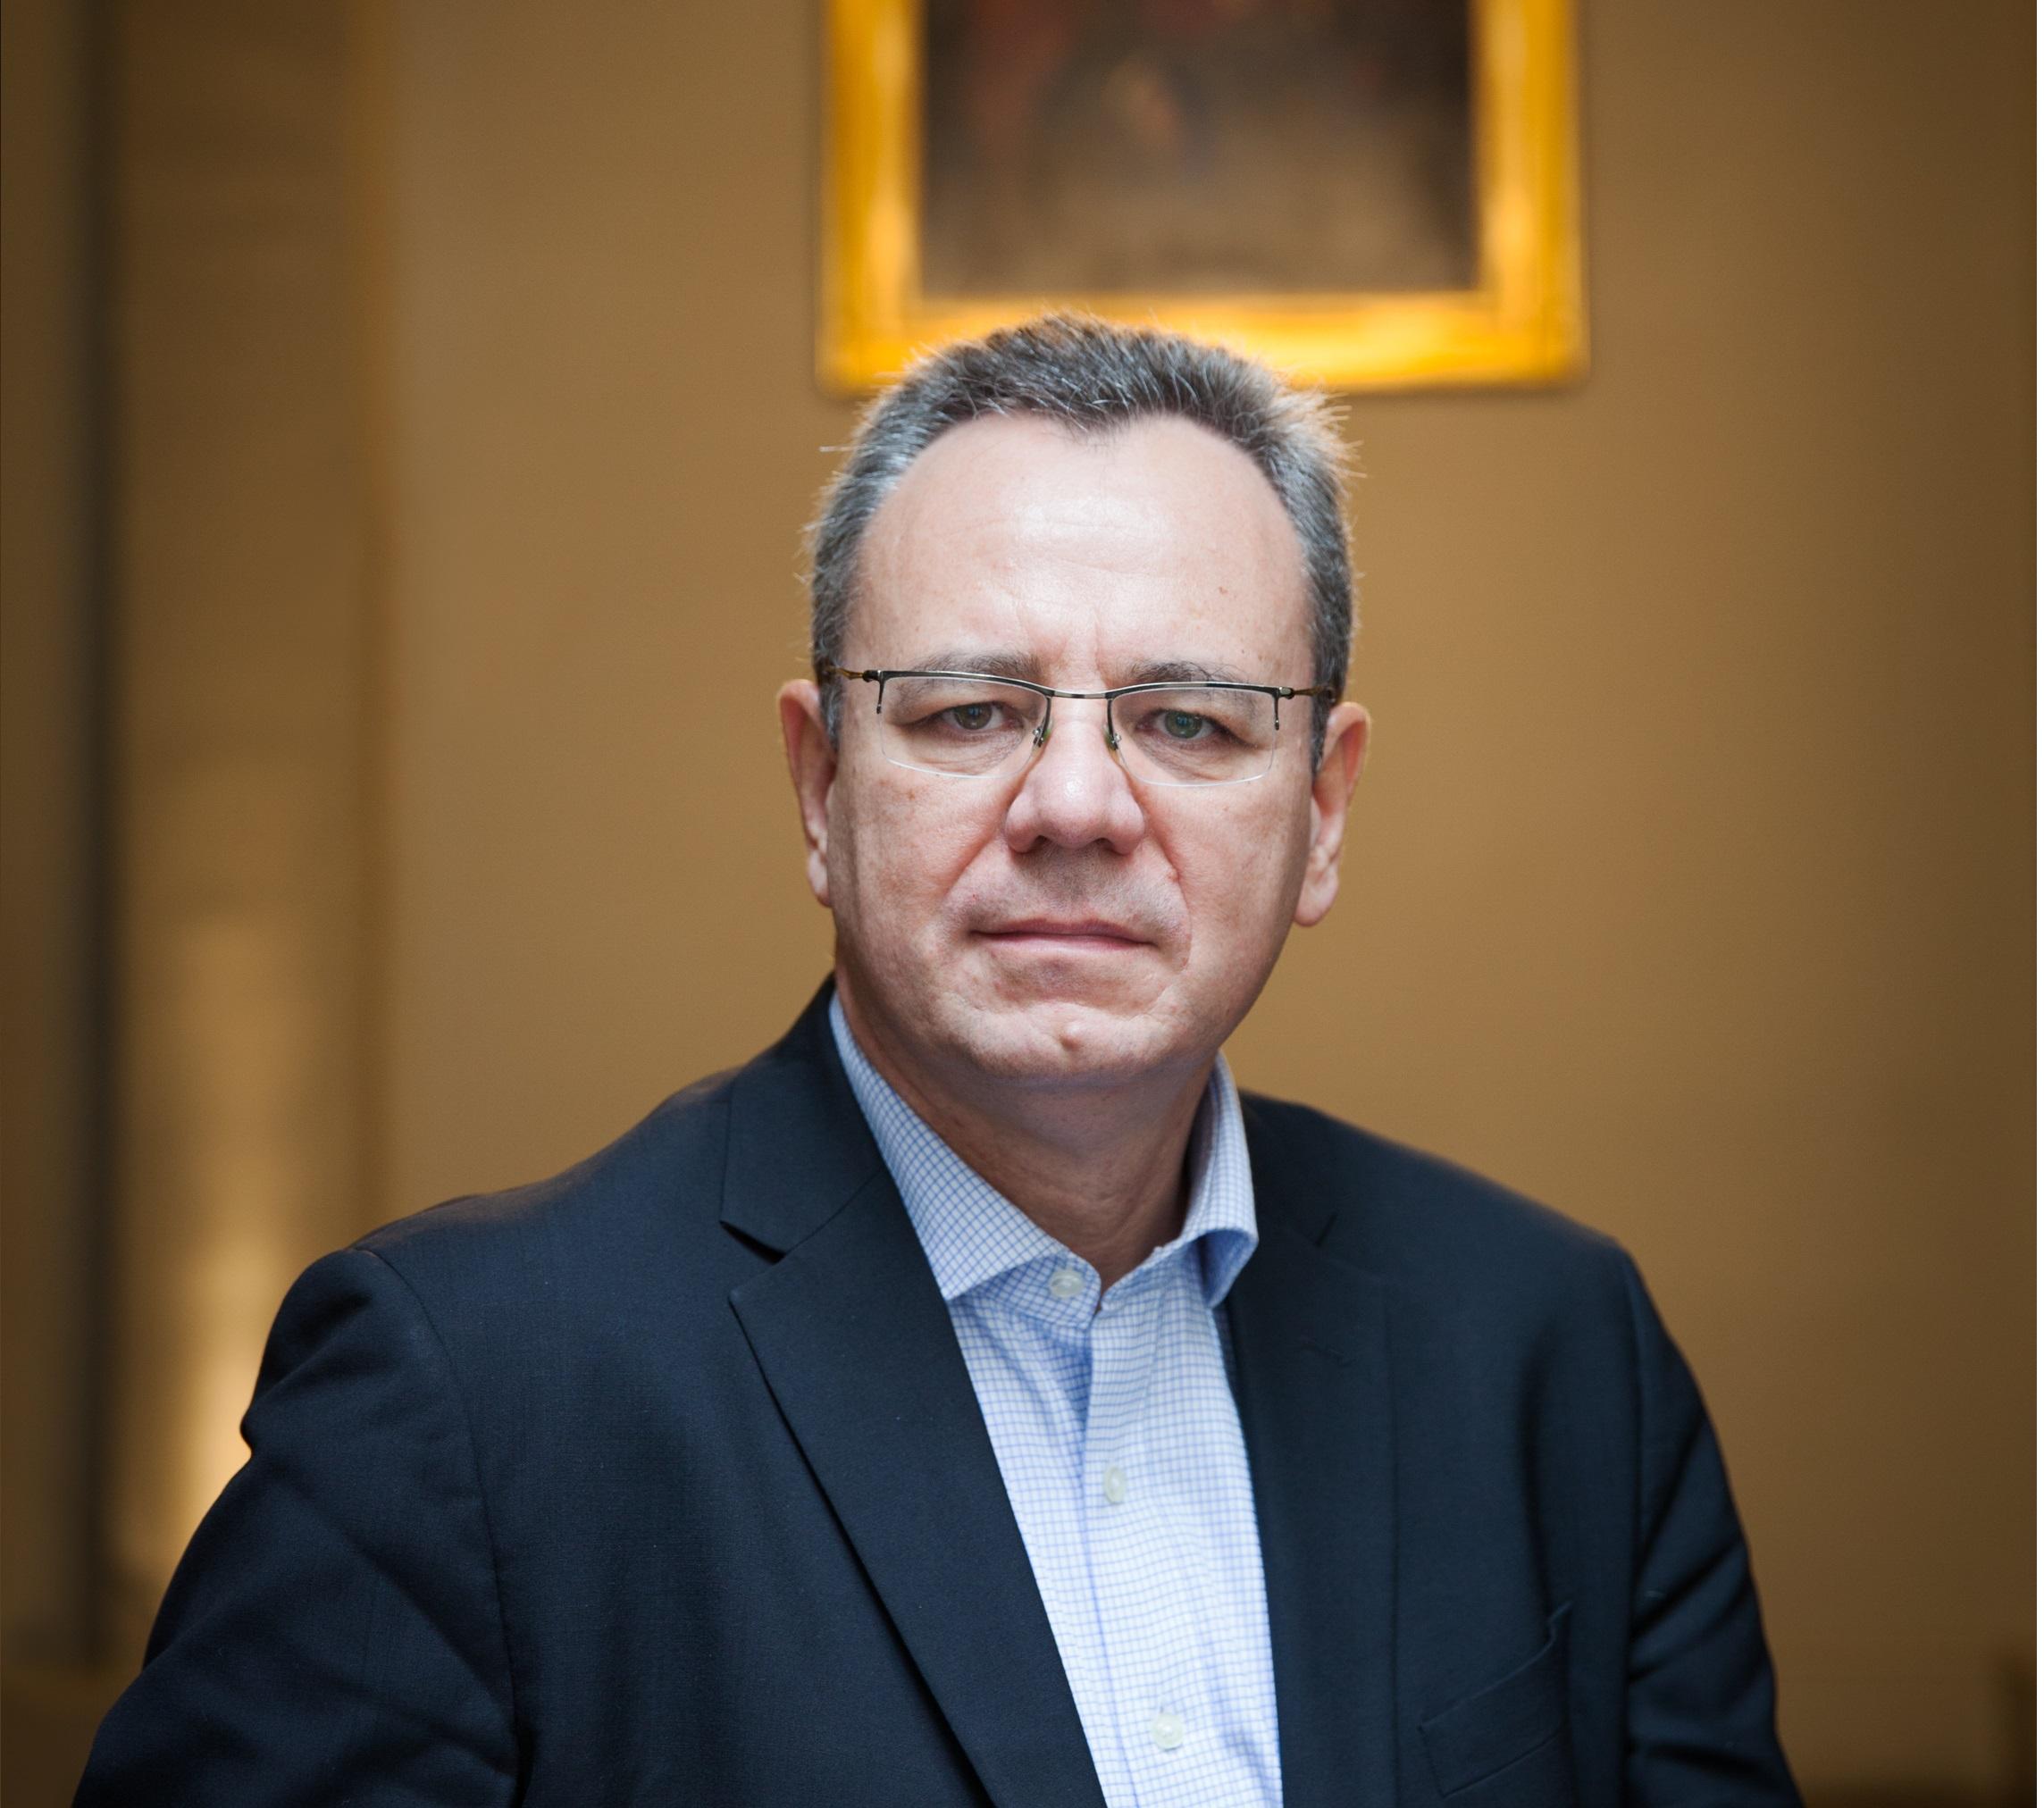 Frédéric Pierucci au JDE : «Il y a une opportunité stratégique de rachat à GE de la branche nucléaire d'Alstom»